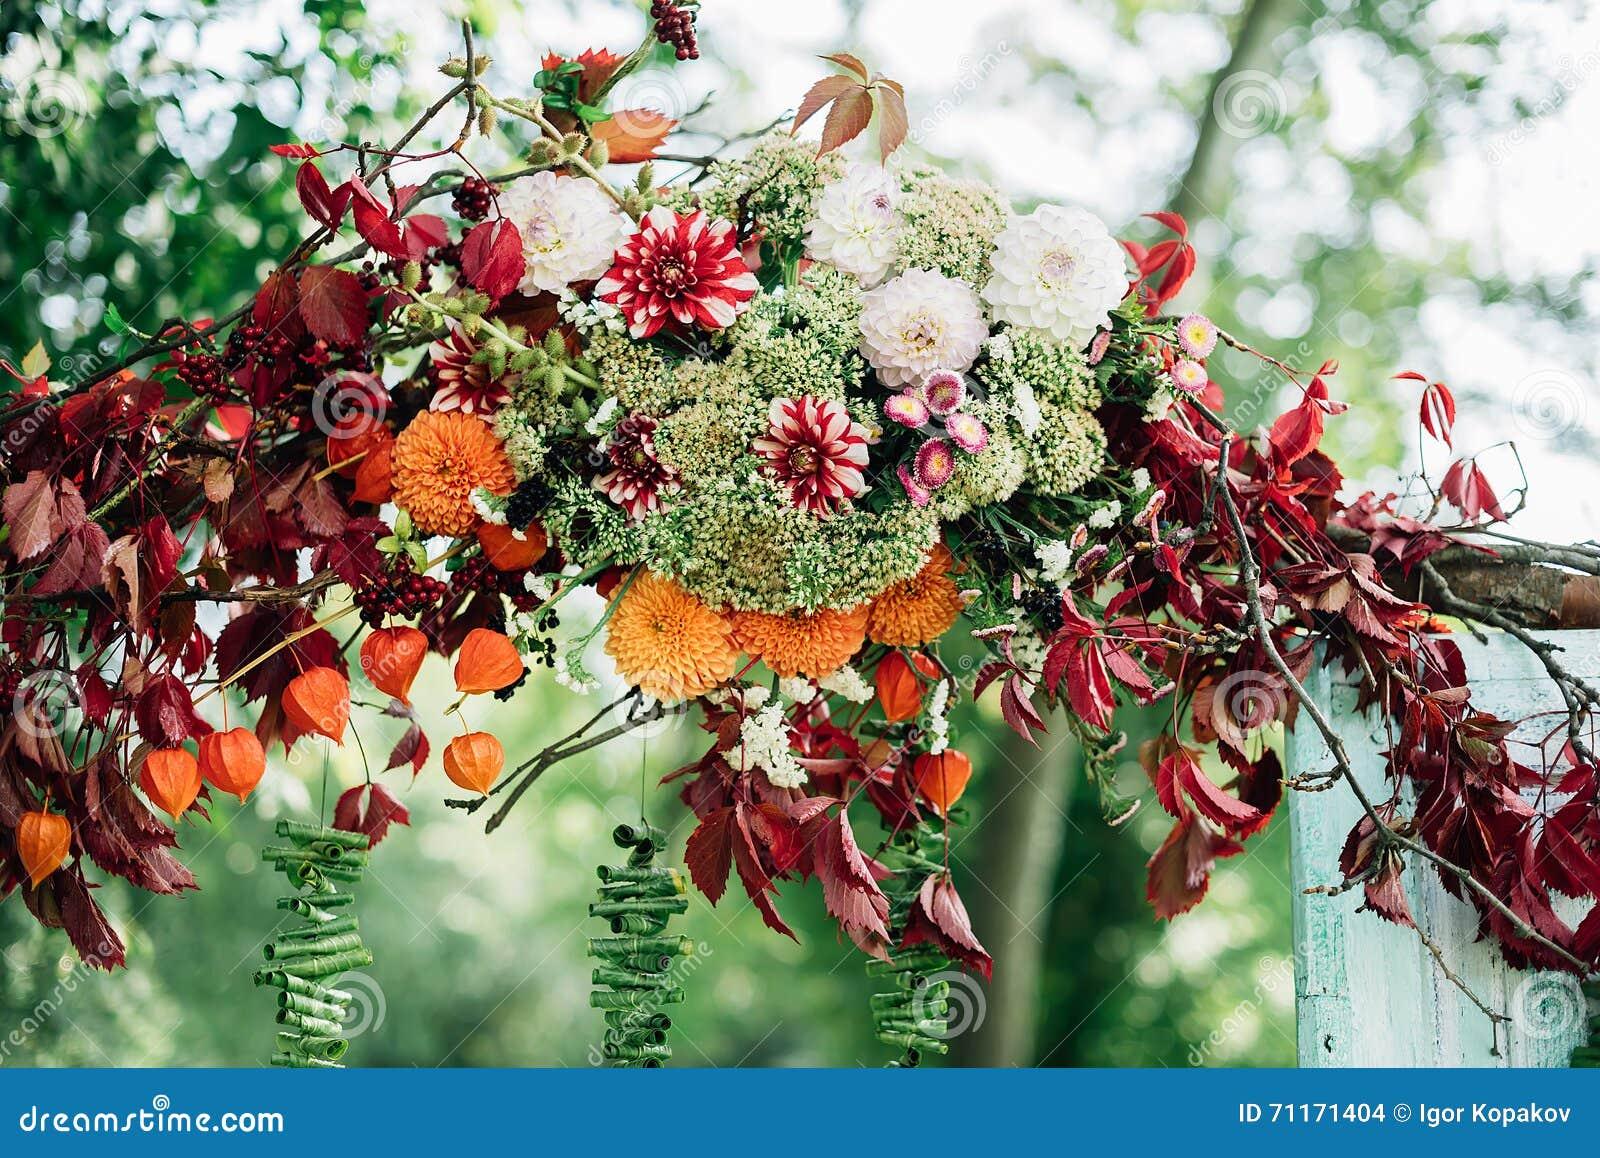 Blumen Schmücken Die Hochzeitszeremonie Stockfoto Bild Von